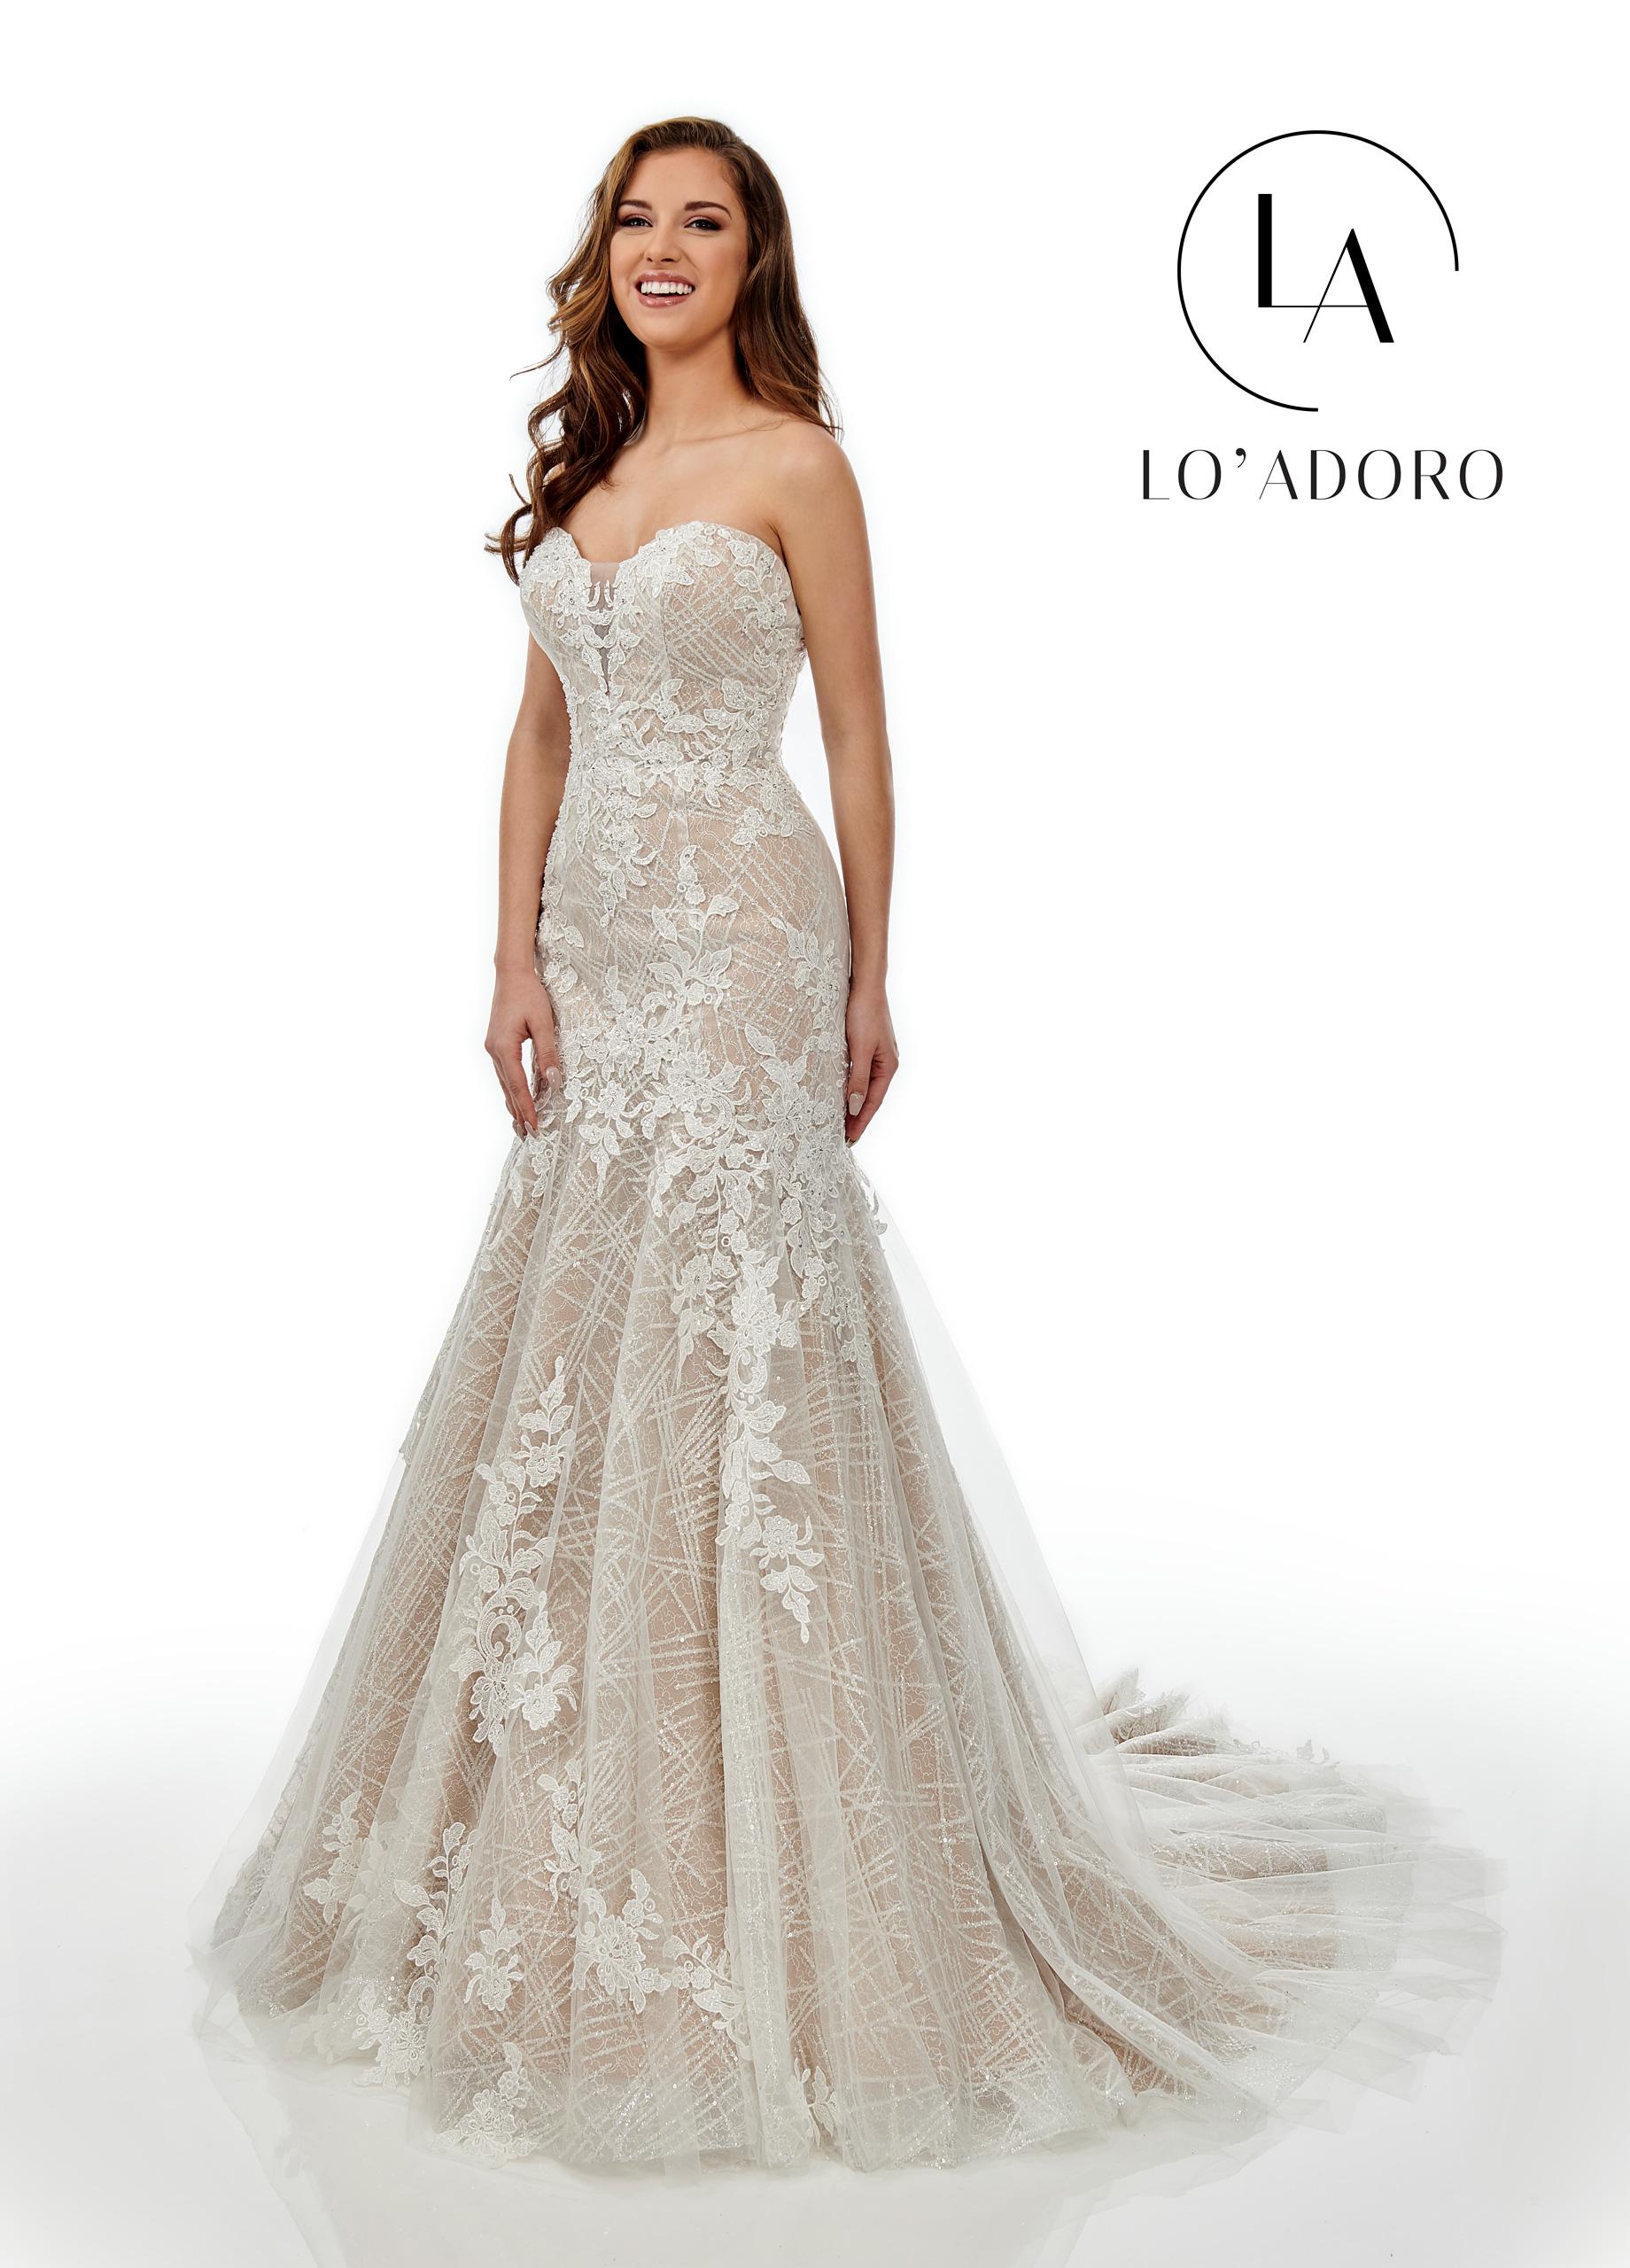 Lo Adoro Bridal Dresses | Lo' Adoro | Style - M746